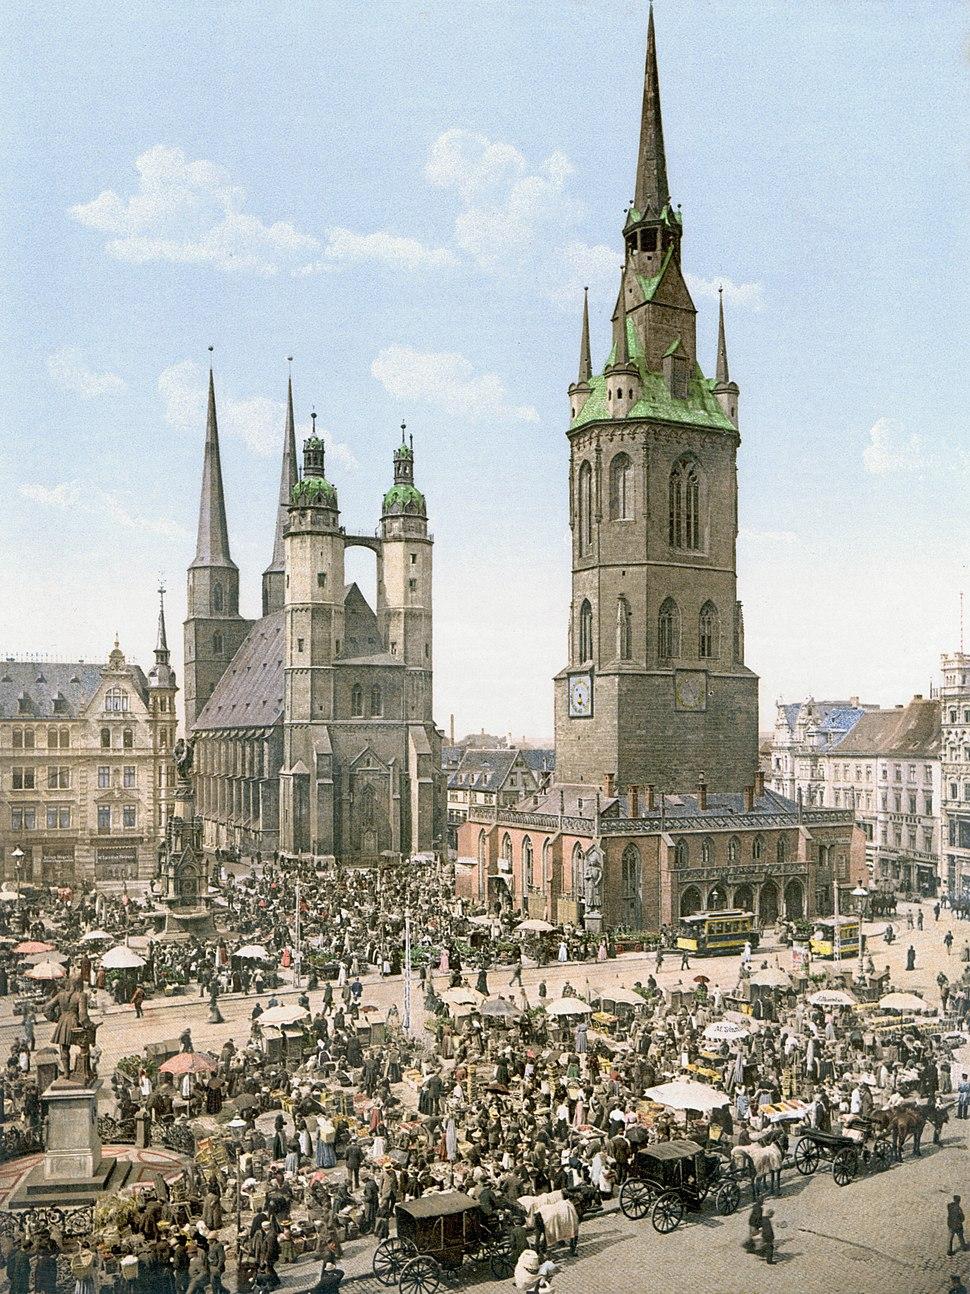 Halle Saale um 1900